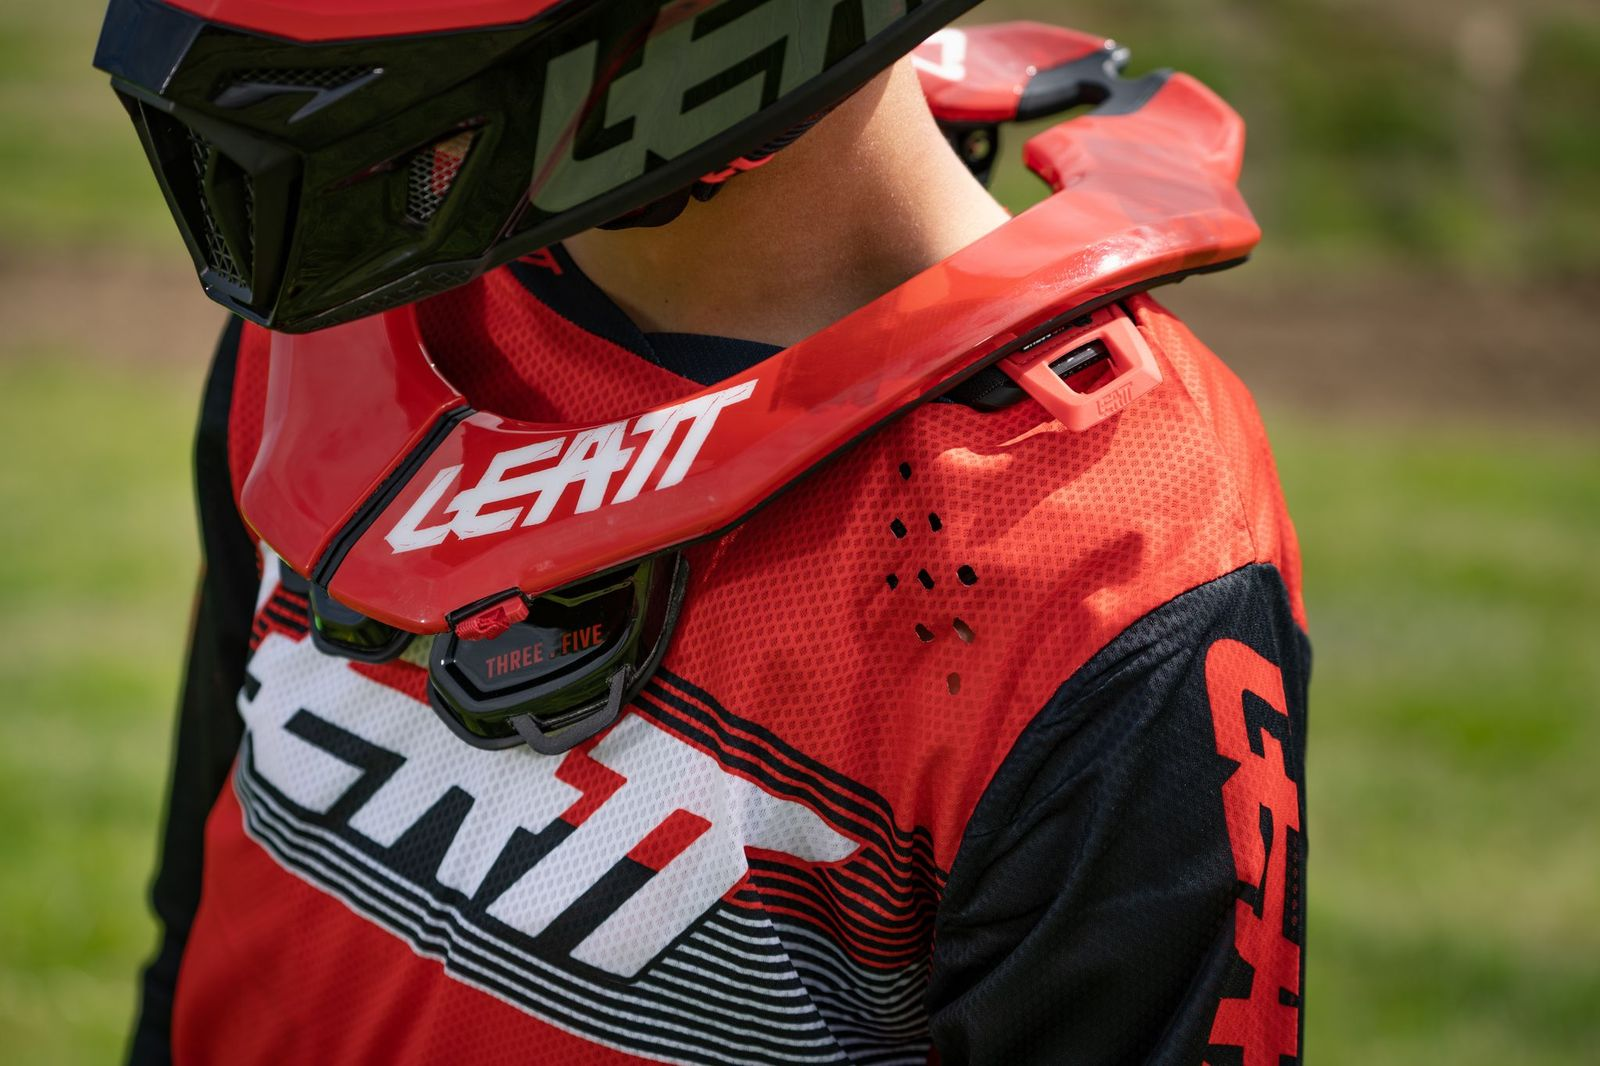 Les nouveaux équipements de protection de Leatt. Source: https://leatt.com/int